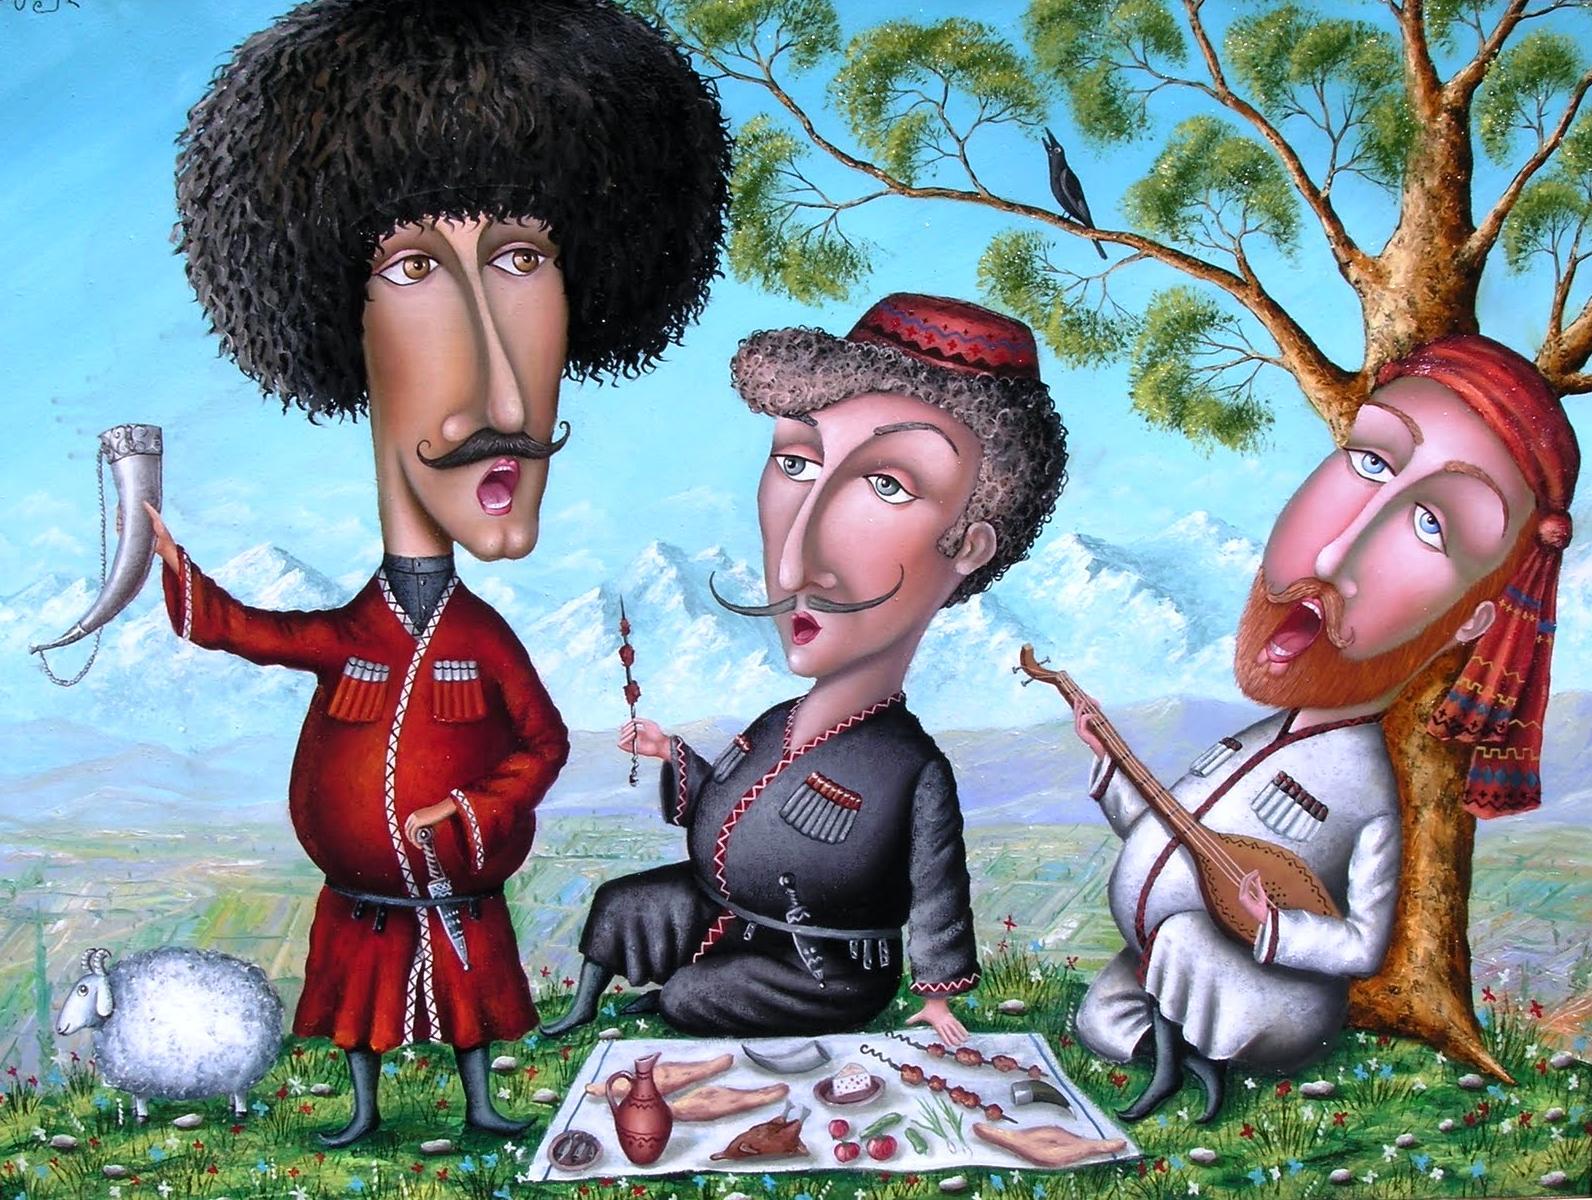 Картинка для, открытки грузинских женщин